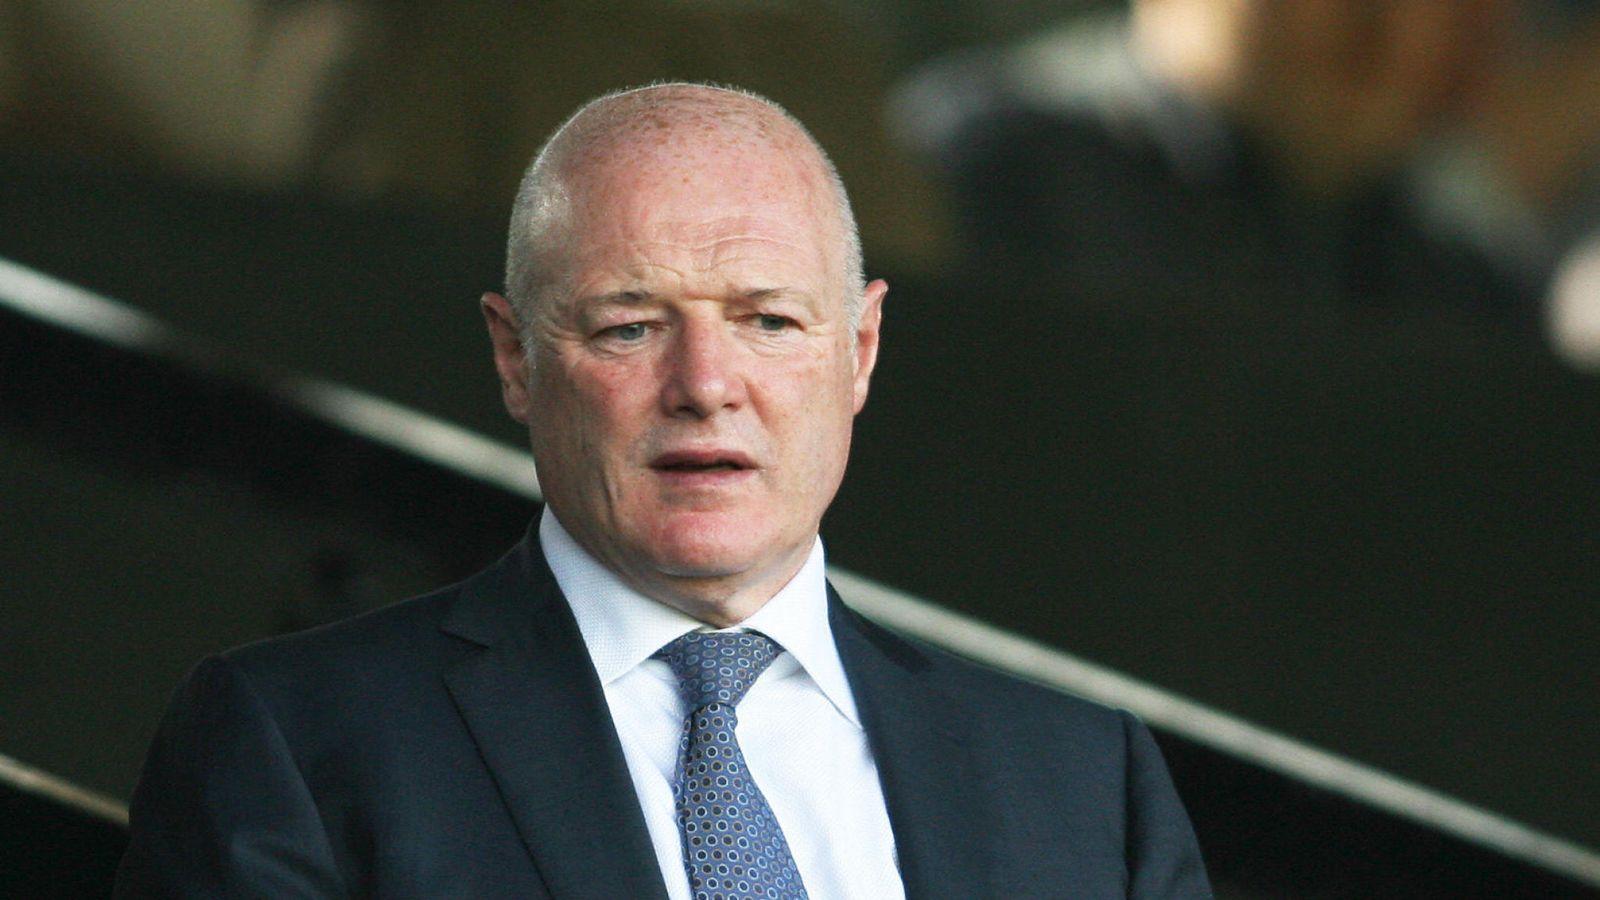 天空体育:前曼联高管率领财团,盼3亿镑收购纽卡斯尔